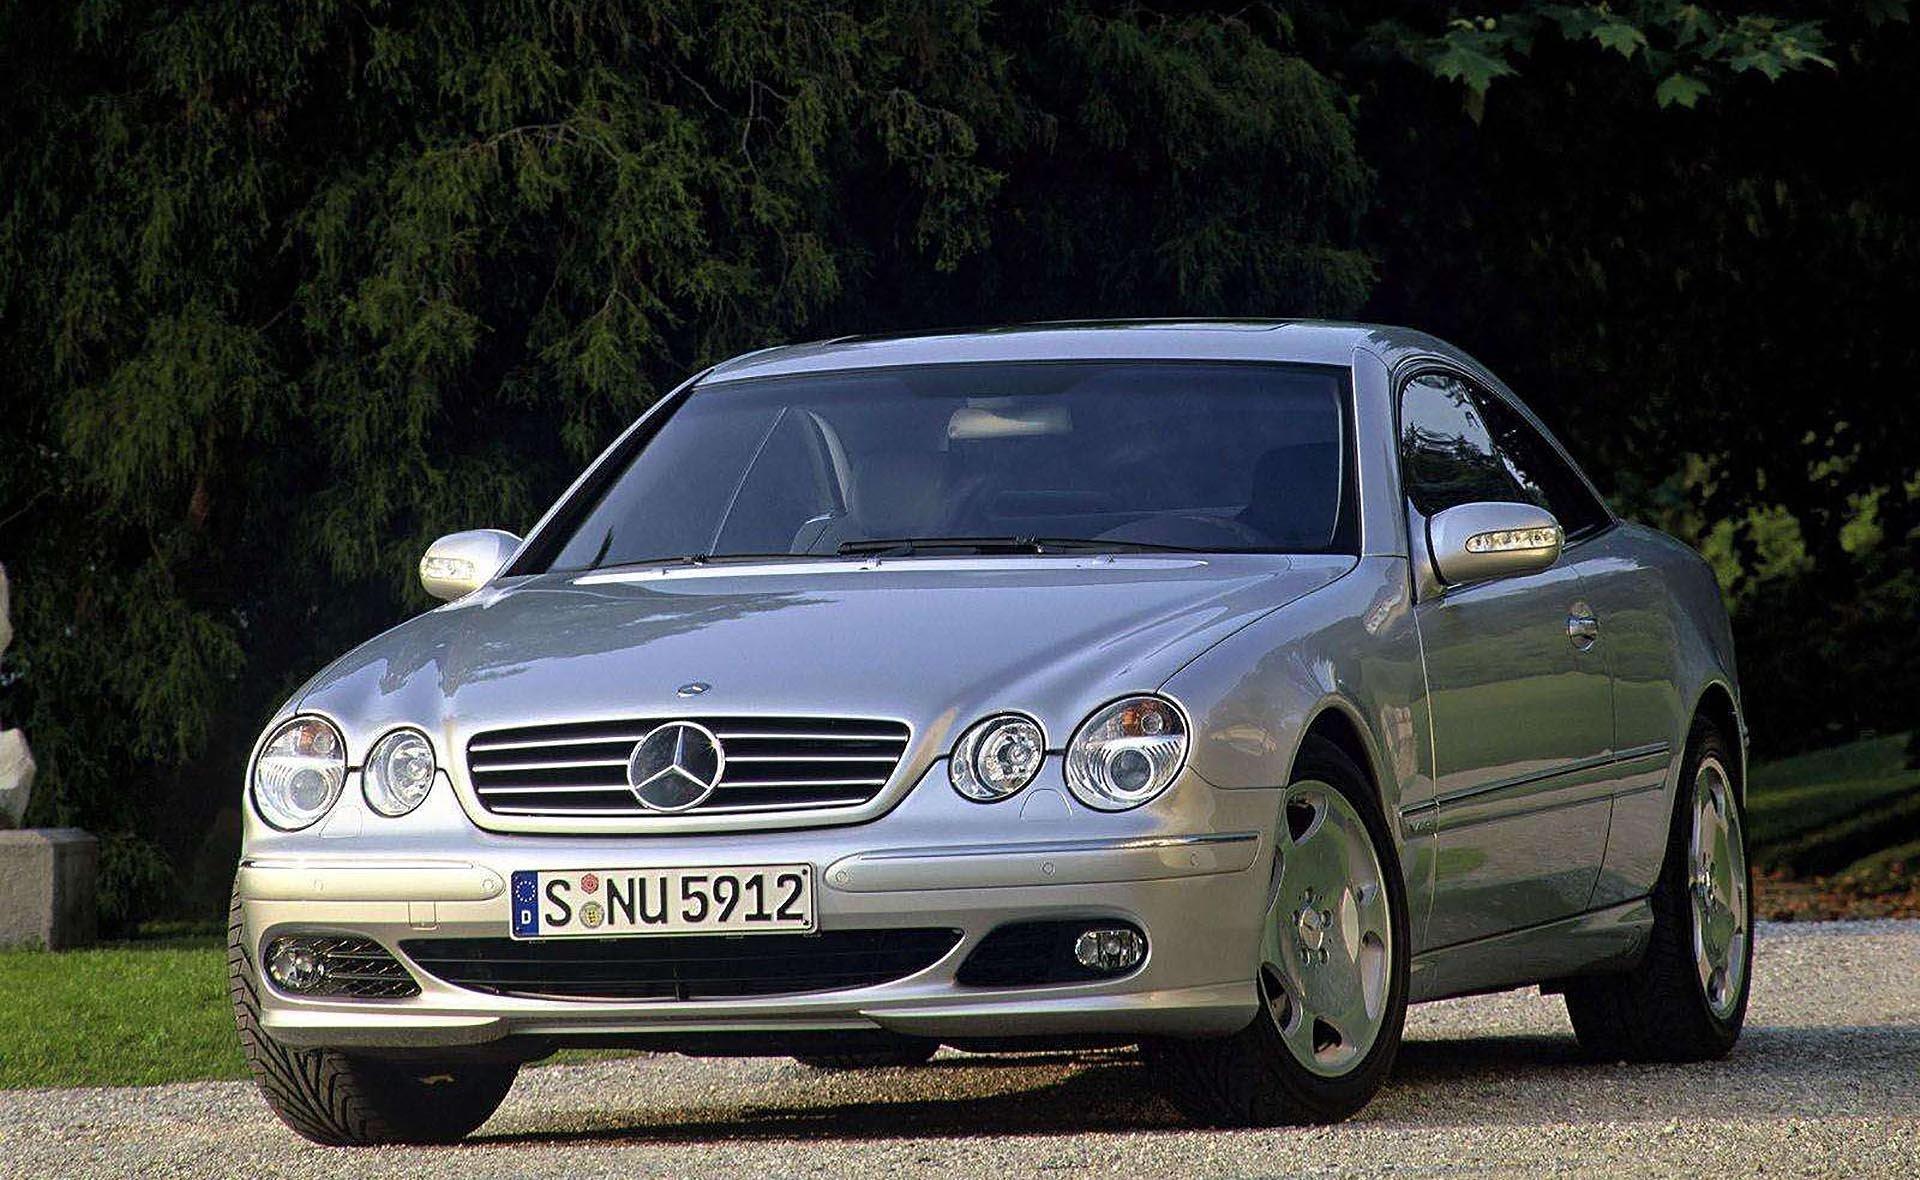 13_Mercedes-Benz-CL600 M275 V12 Biturbo front